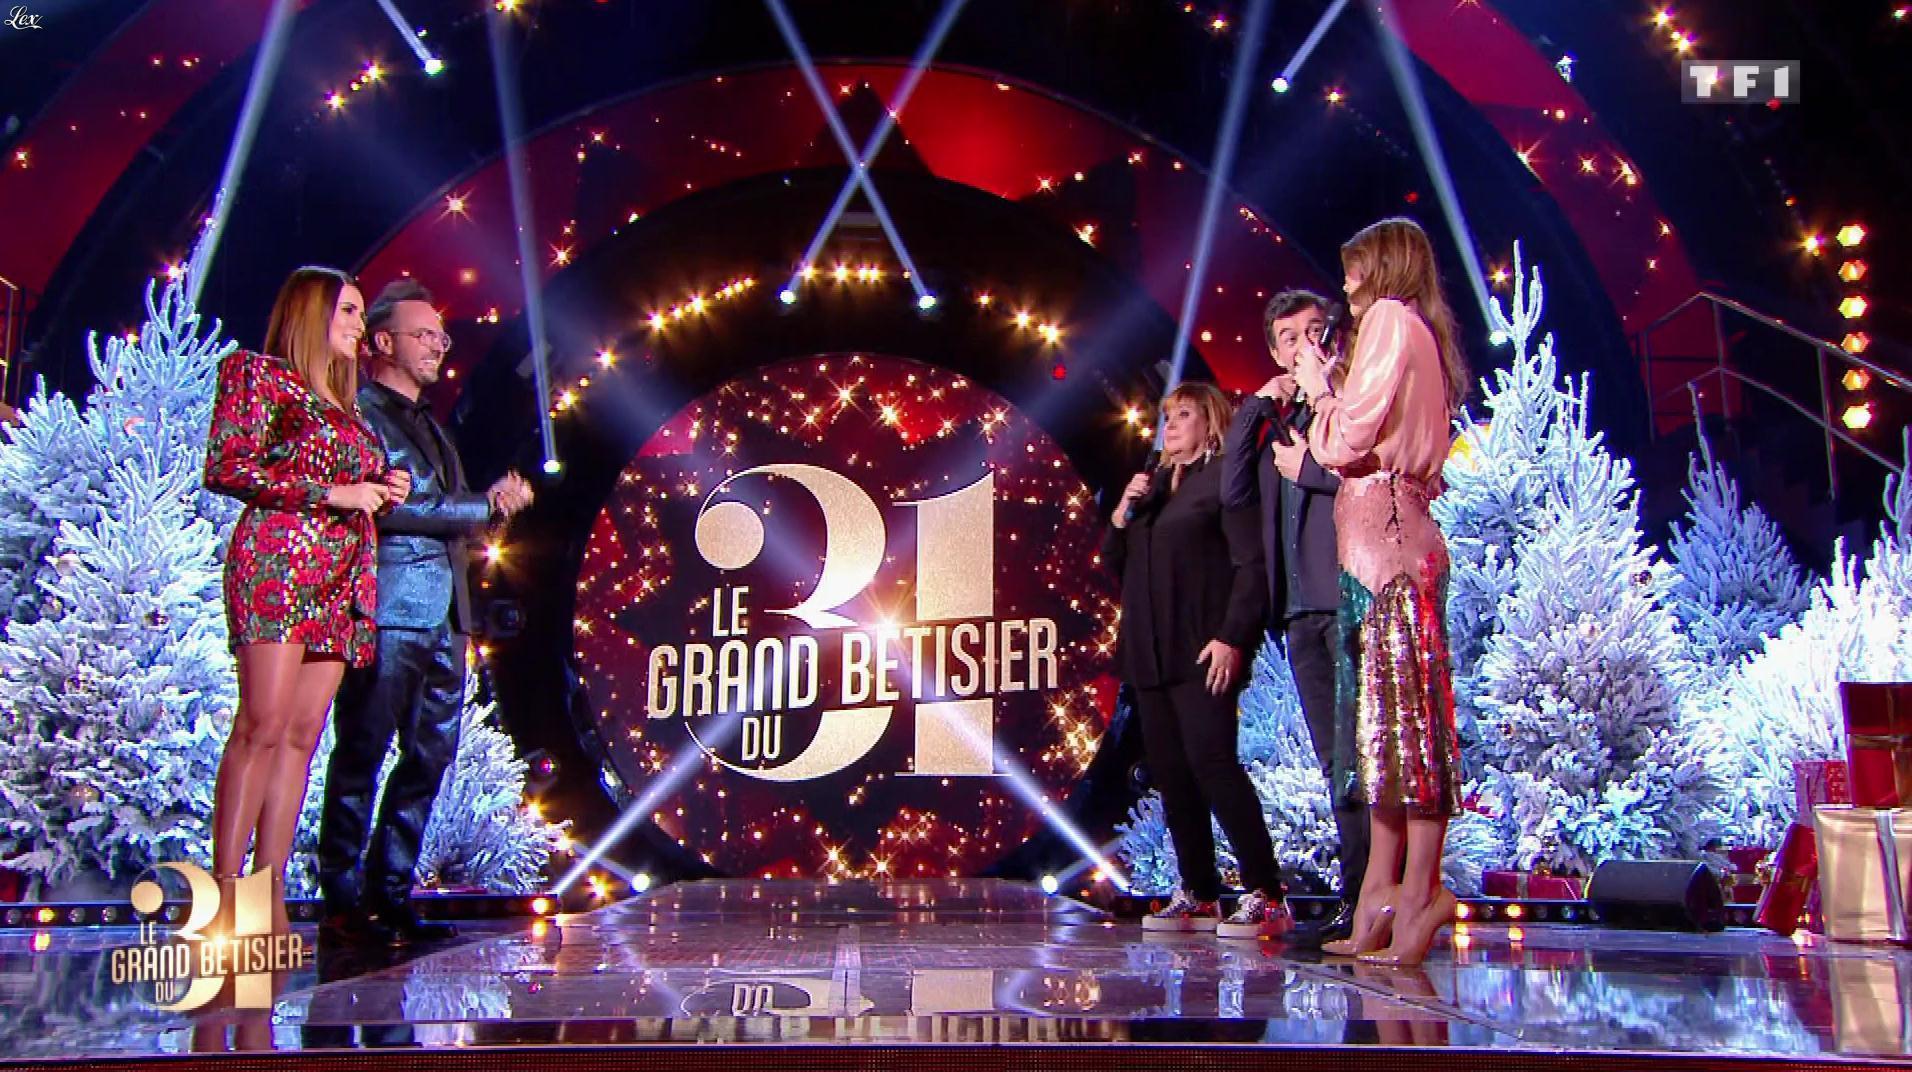 Karine Ferri dans le Grand Bêtisier du 31. Diffusé à la télévision le 31/12/18.